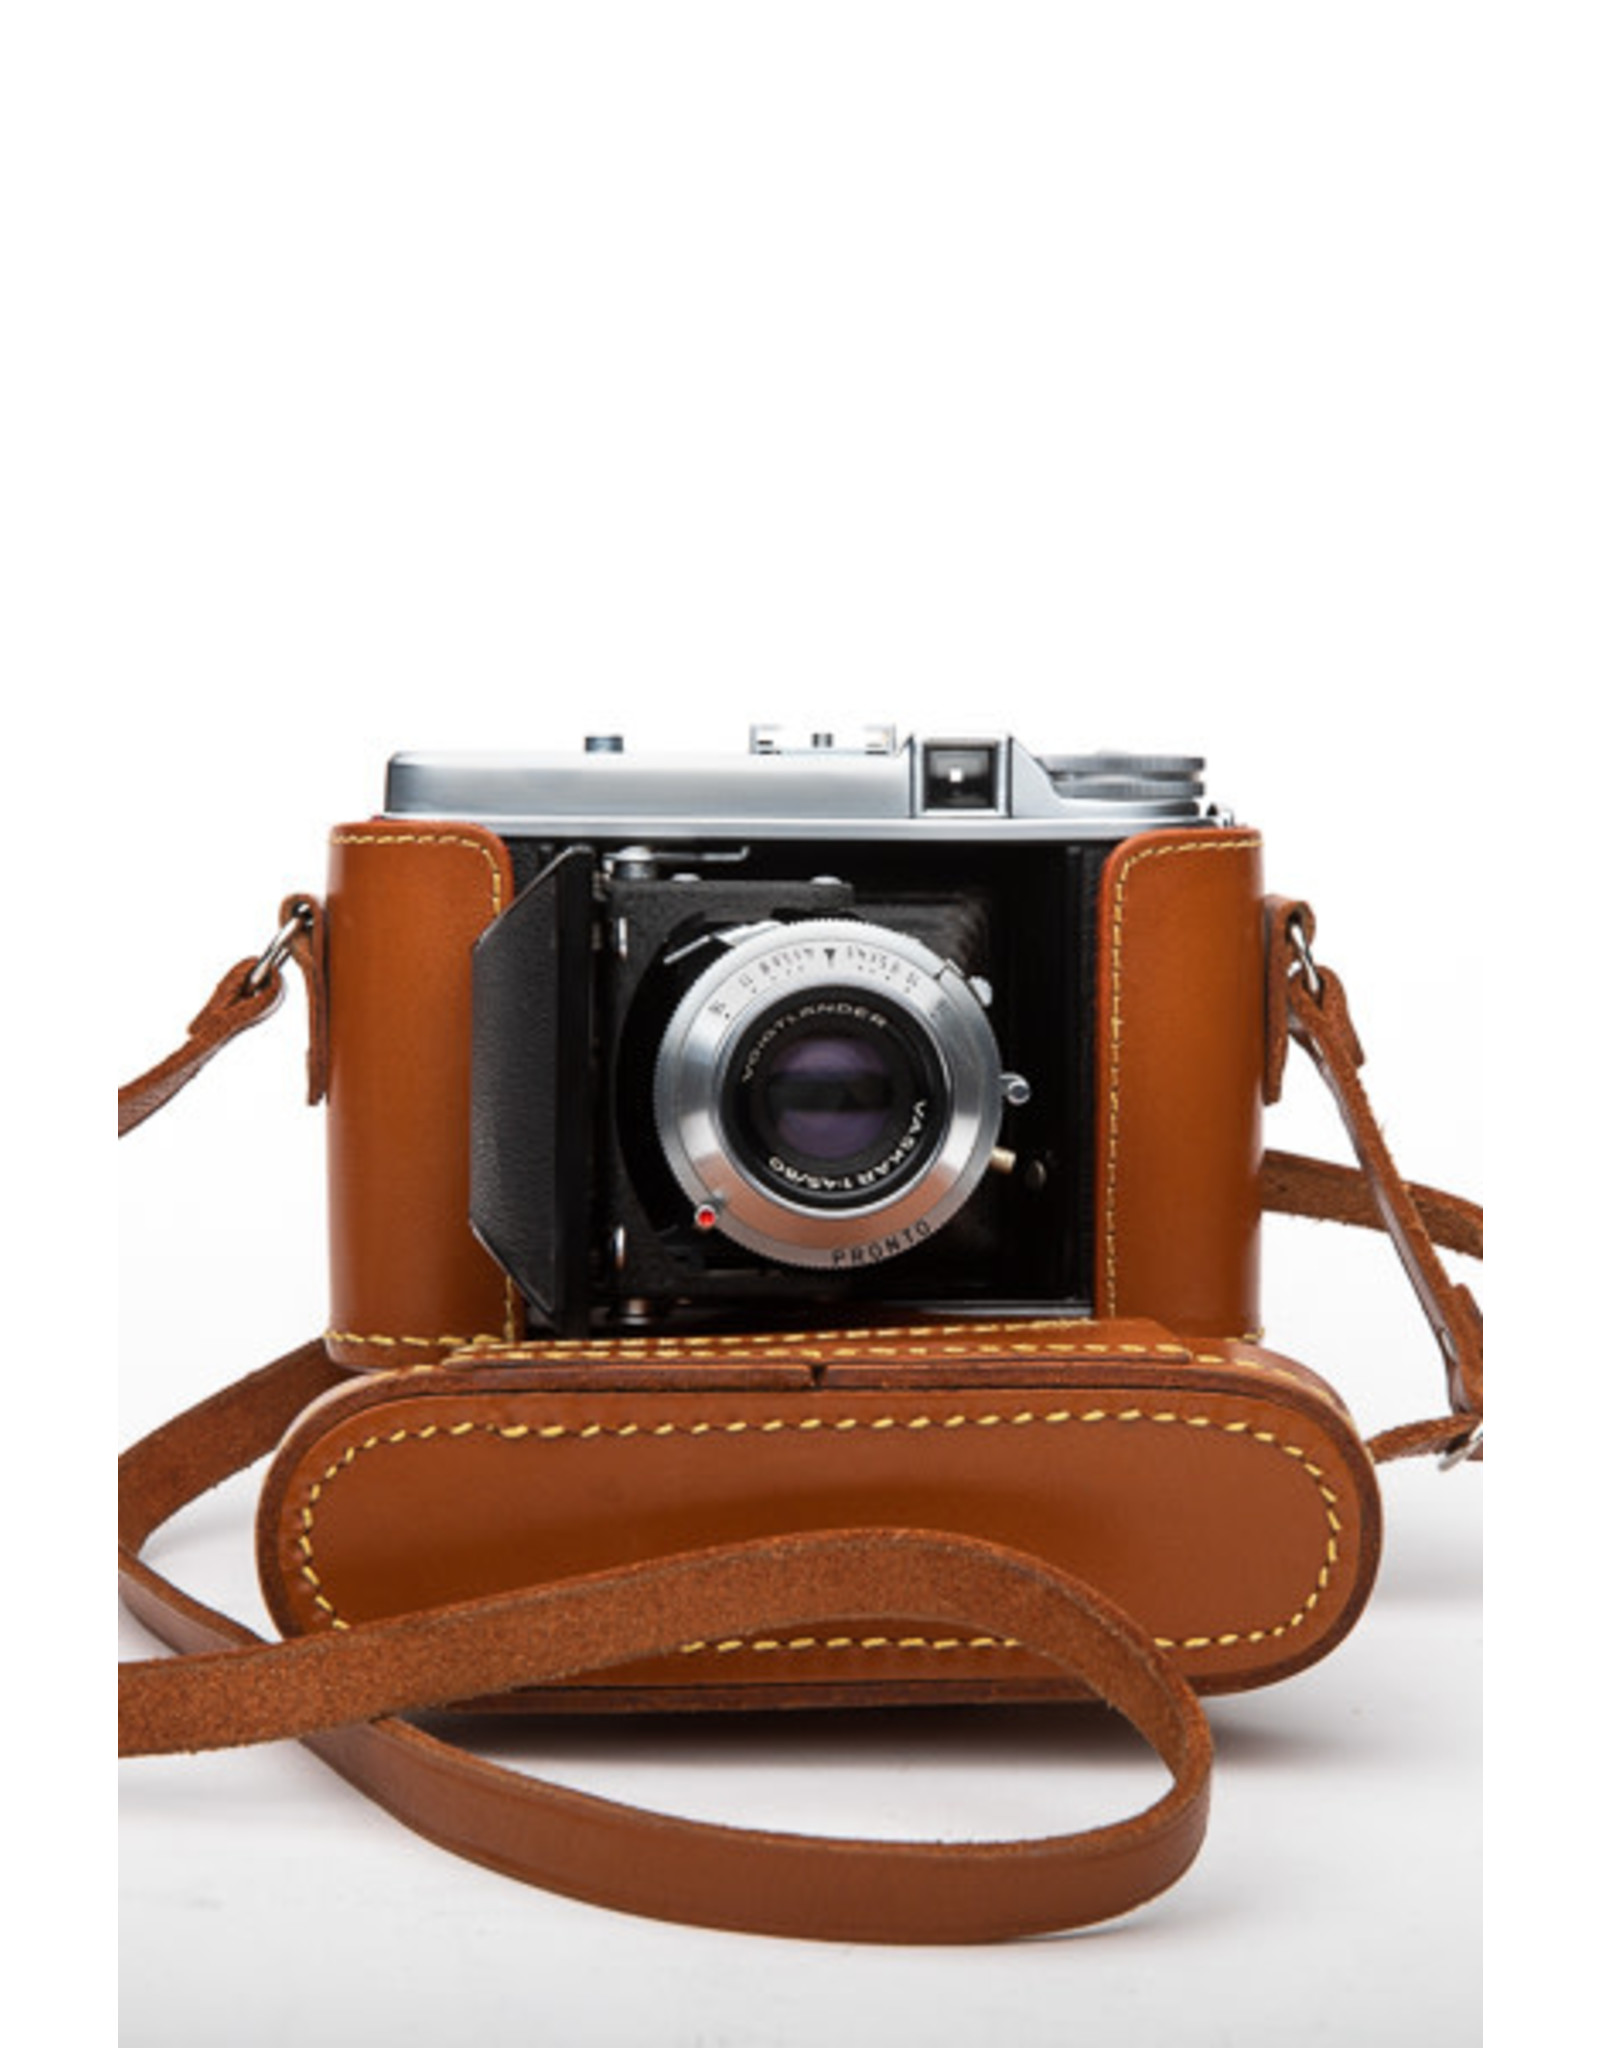 Voigtlander Voigtlander Perkeo 1 6x6 Medium Format Camera Rangefinder Camera